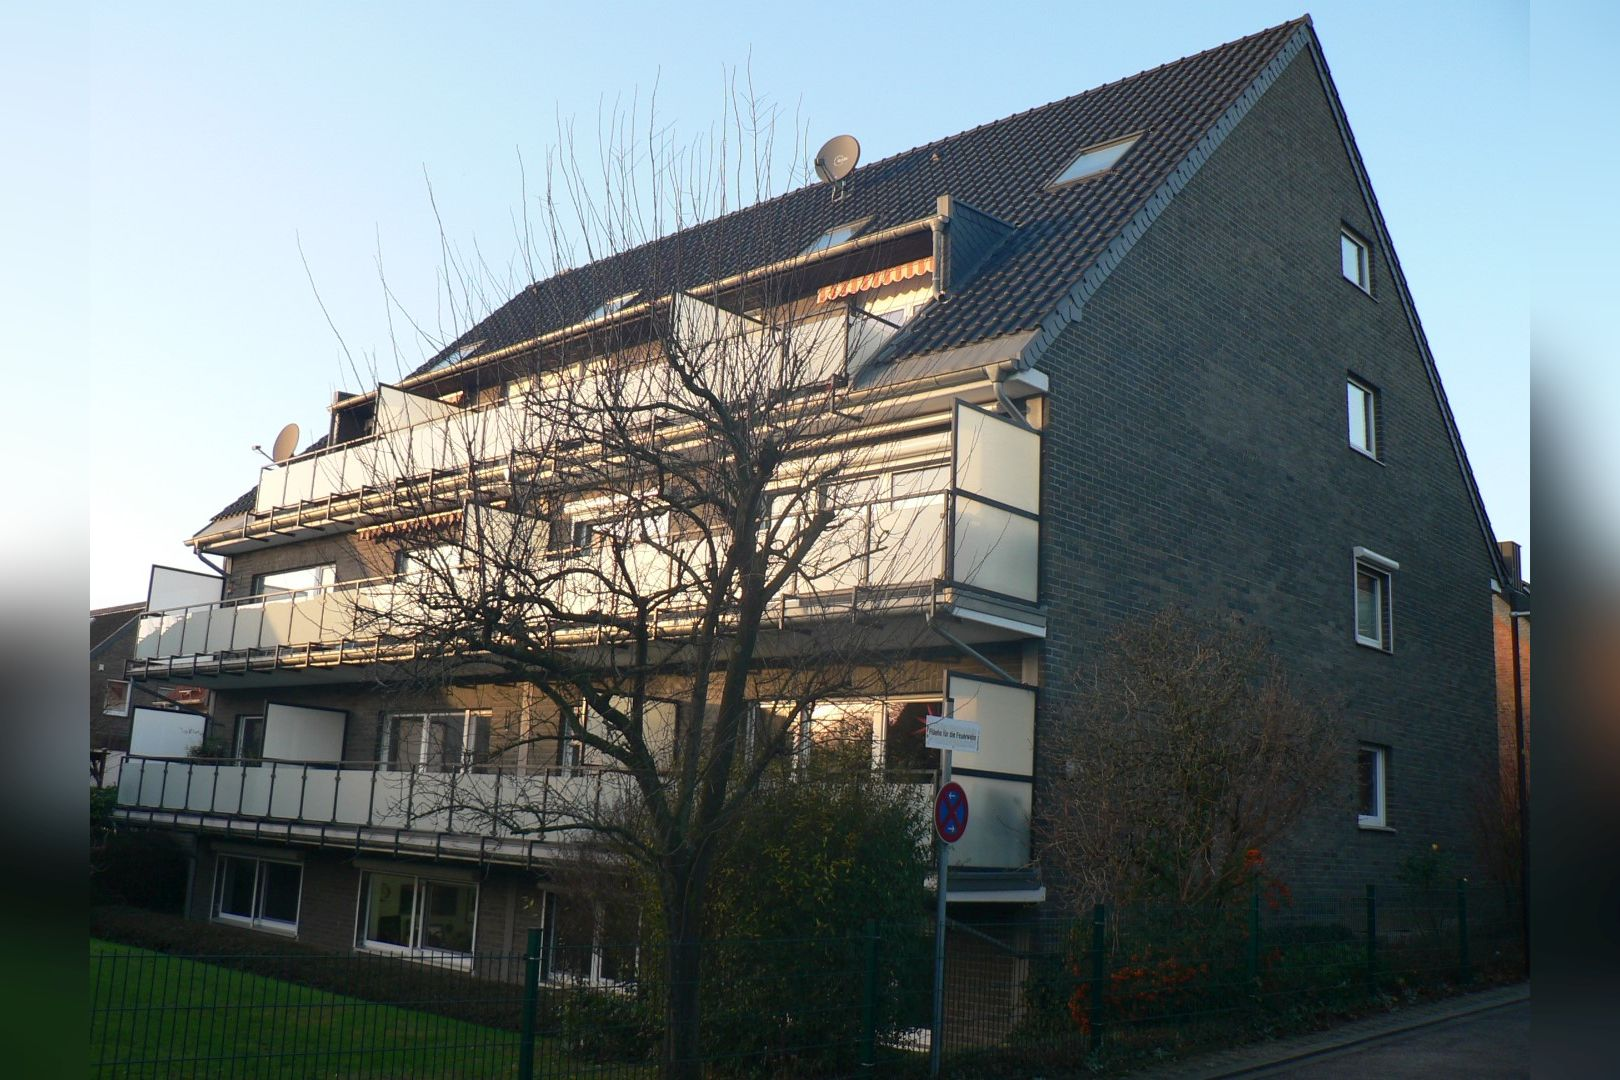 Immobilie Nr.0247 - Maisonette-Whg. über EG u. Sout. mit Loggia u. Garage  - Bild 17.jpg